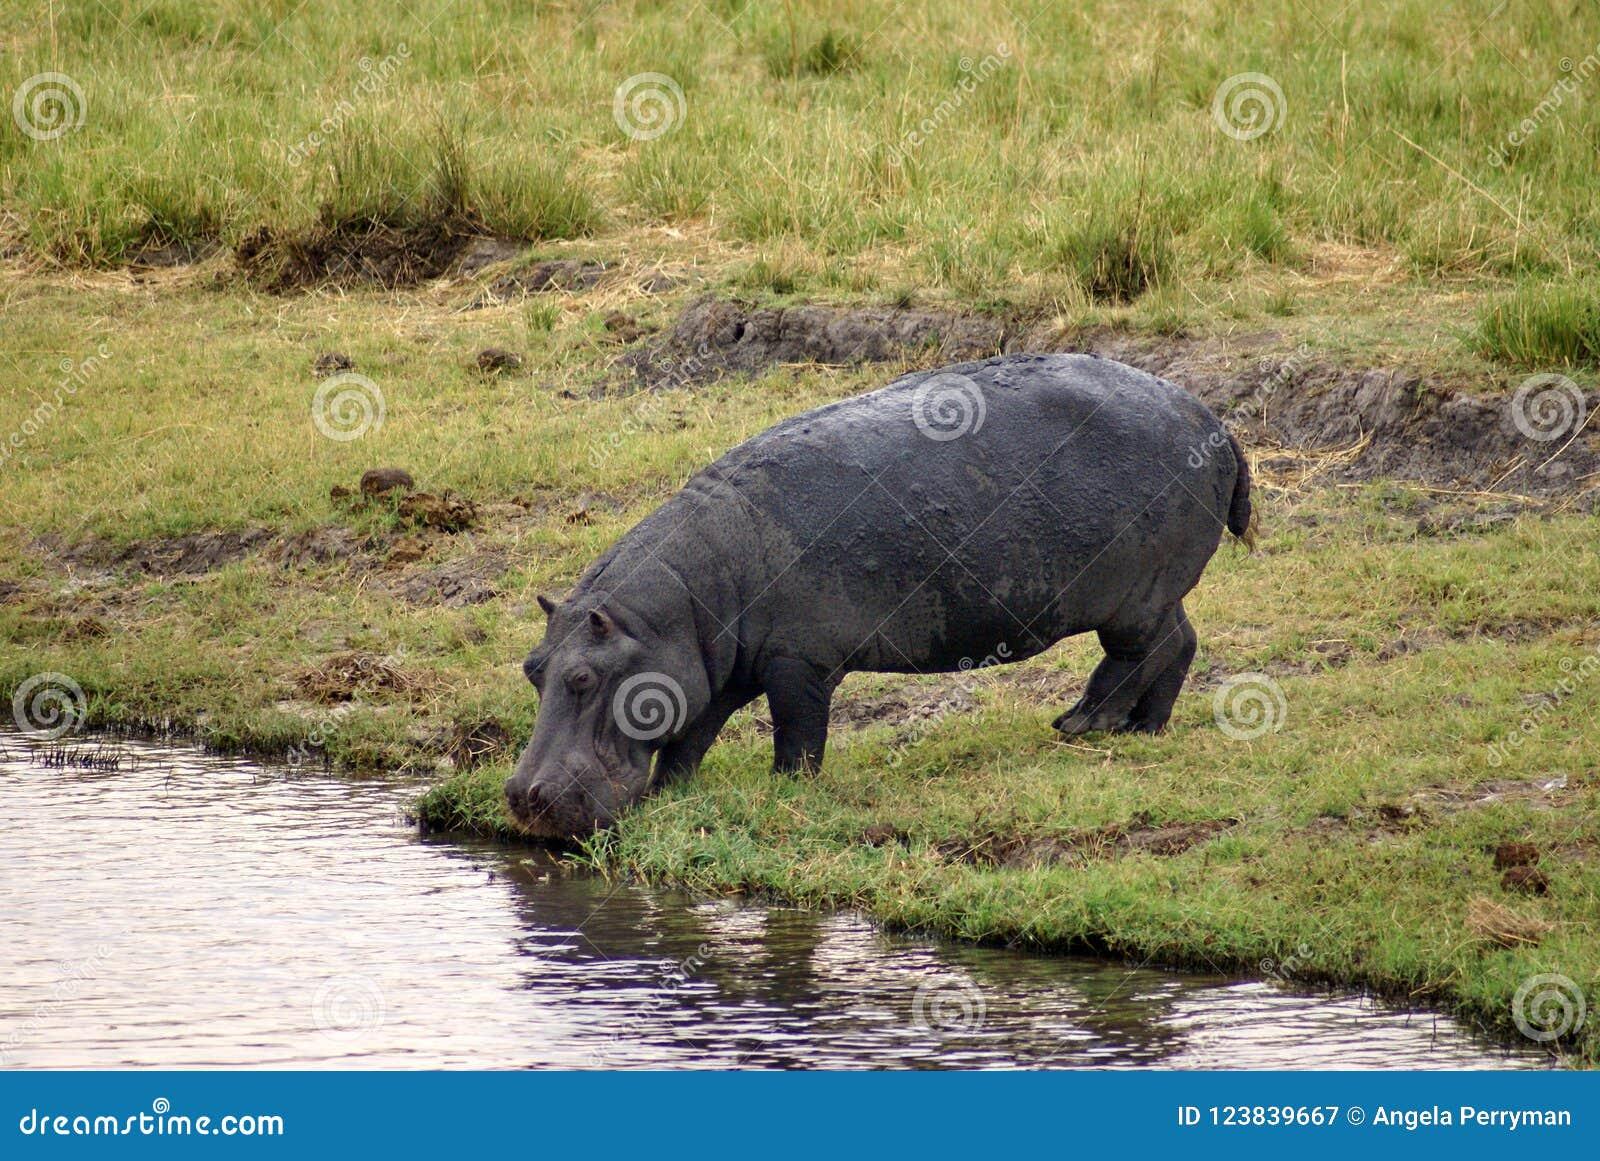 Hipopótamo que bebe do rio em Botswana